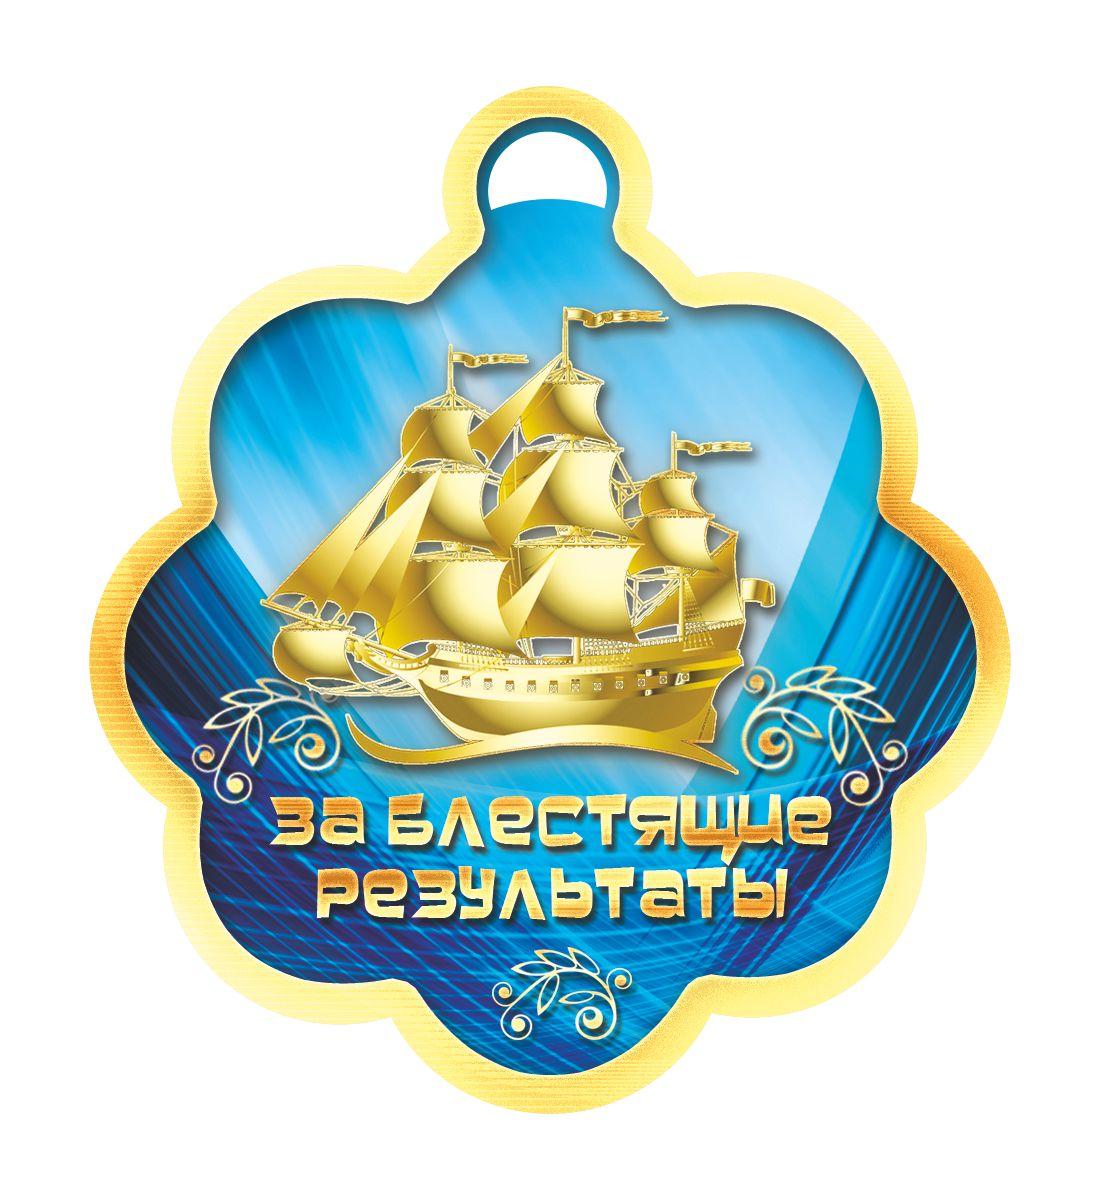 Открыткой-медалью можно отметить и отличившегося школьника, и лучшего работника, и победителя соревнования. Прекрасный выбор для создания атмосферы праздника.